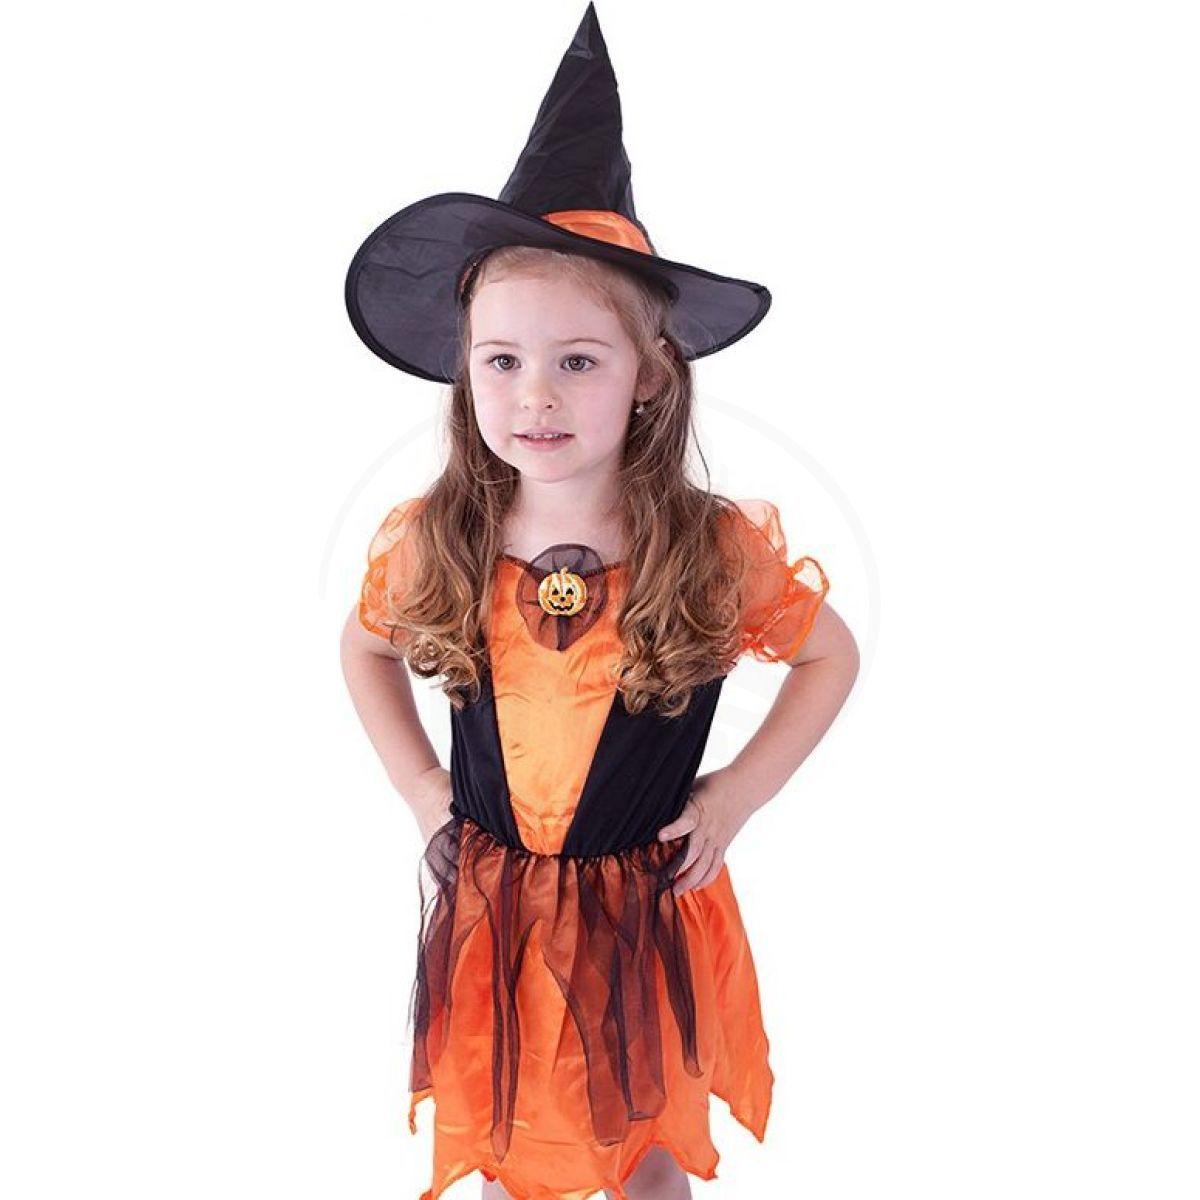 51612e774 Kostým Čarodějnice s dýní vel. M | 4kids